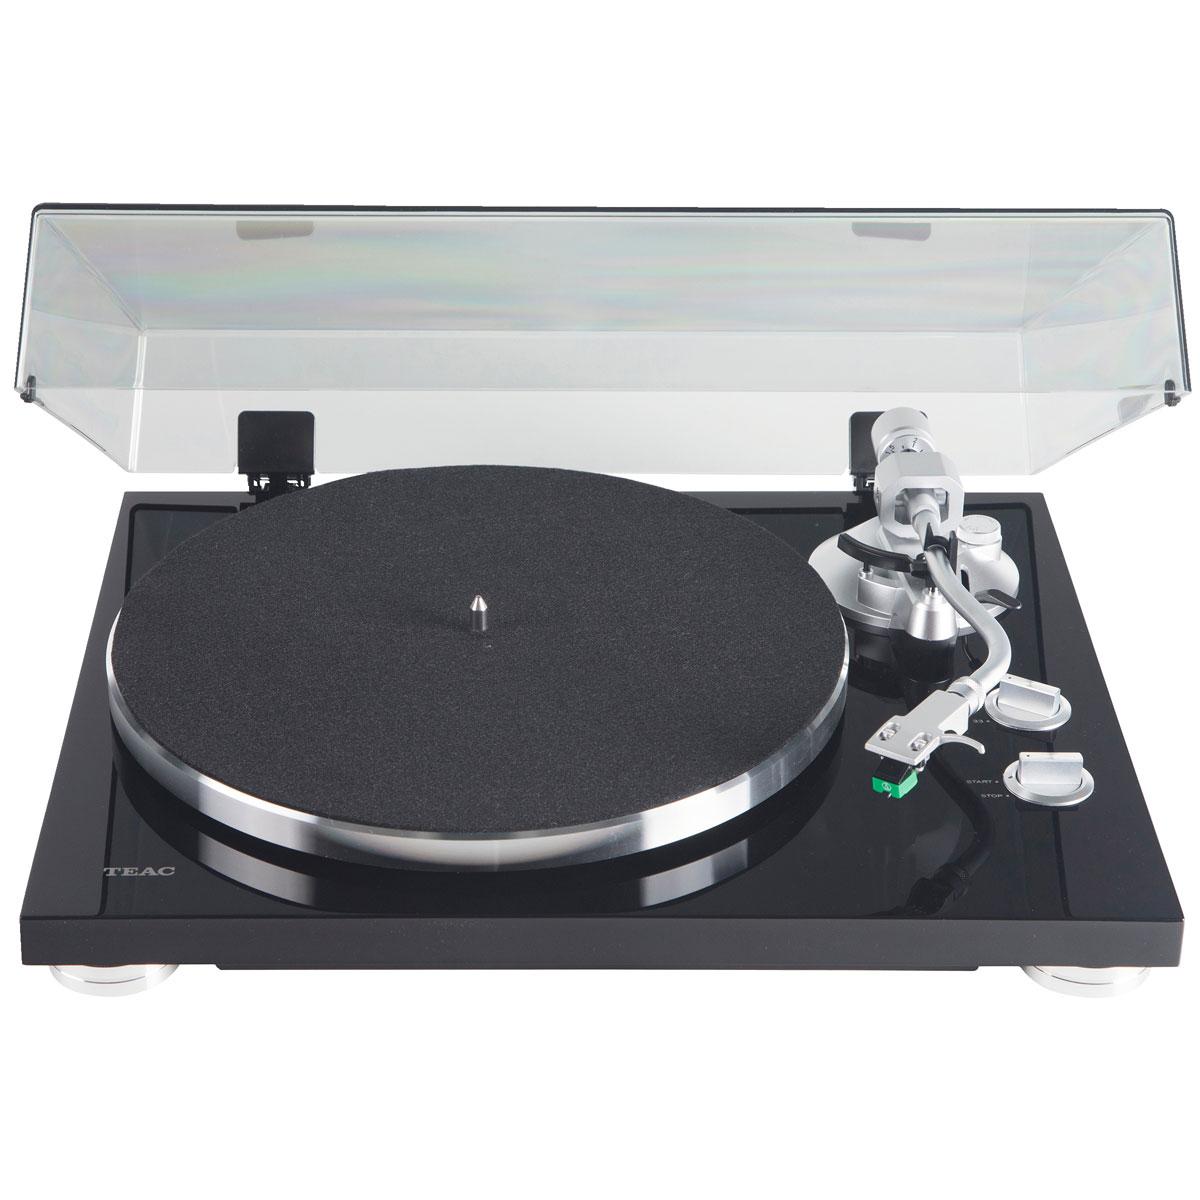 Teac TN-350 MB schwarz Plattenspieler 100092